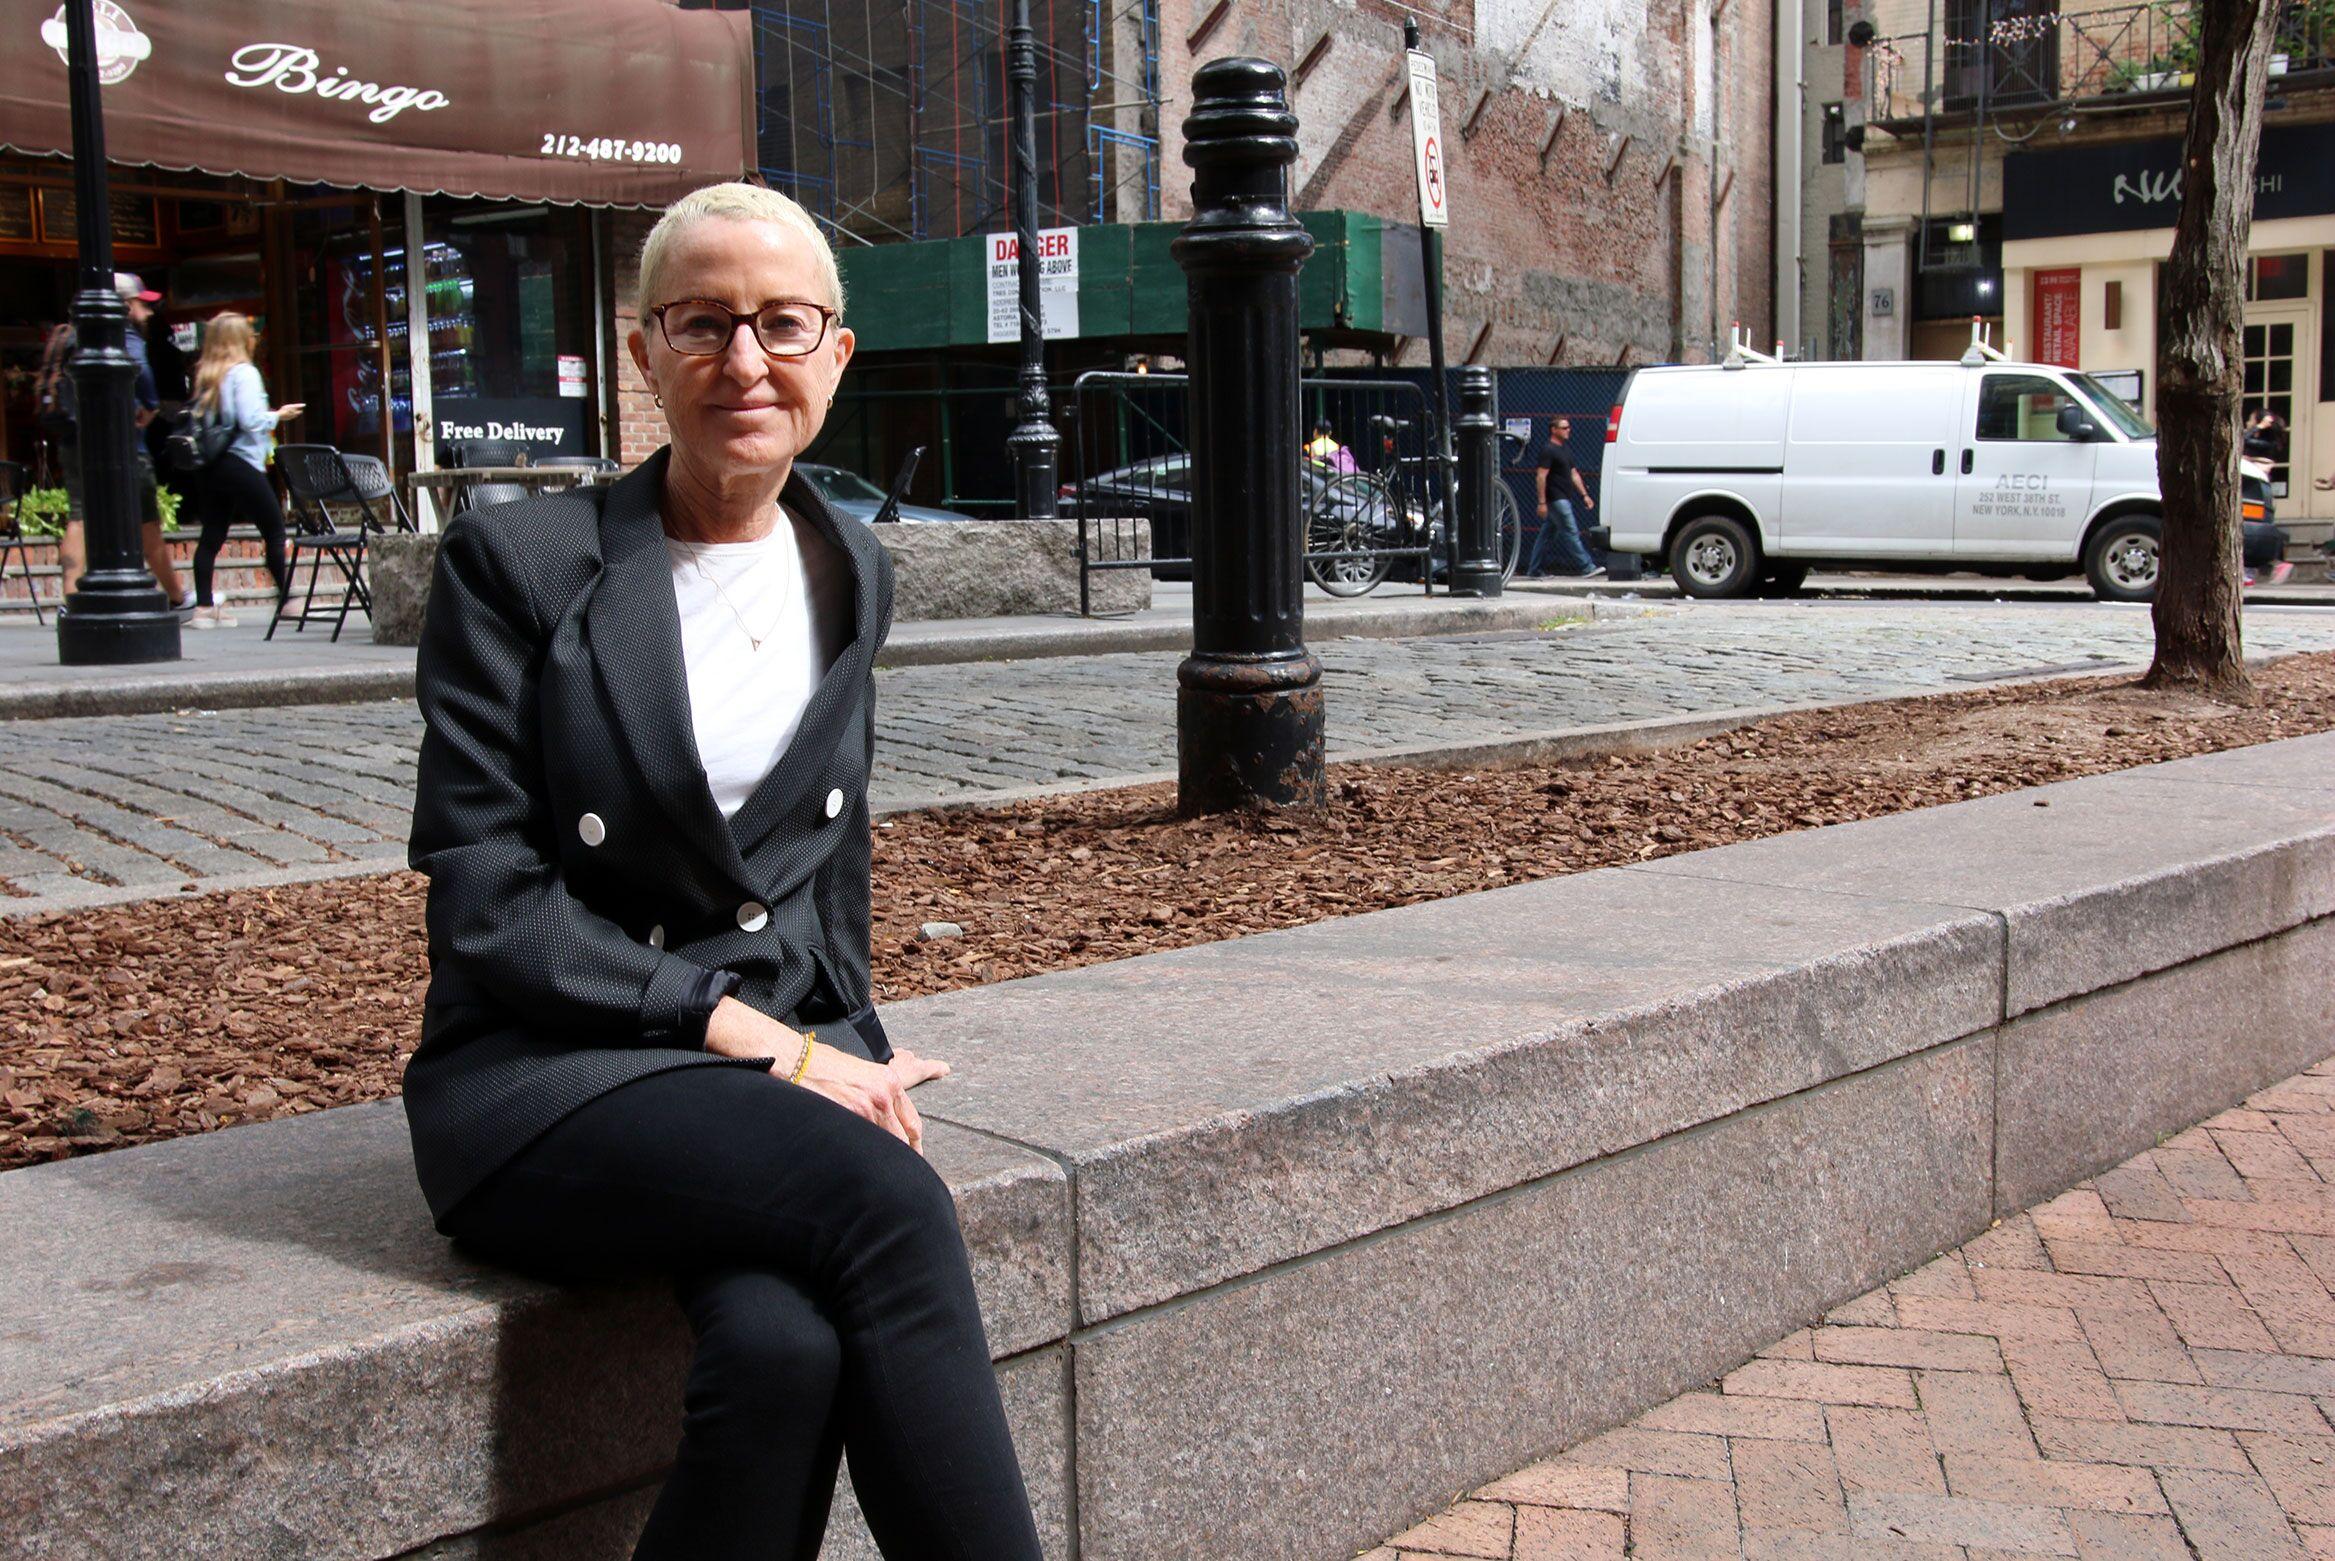 Myra Melford sitting outside near a sidewalk in New York City.